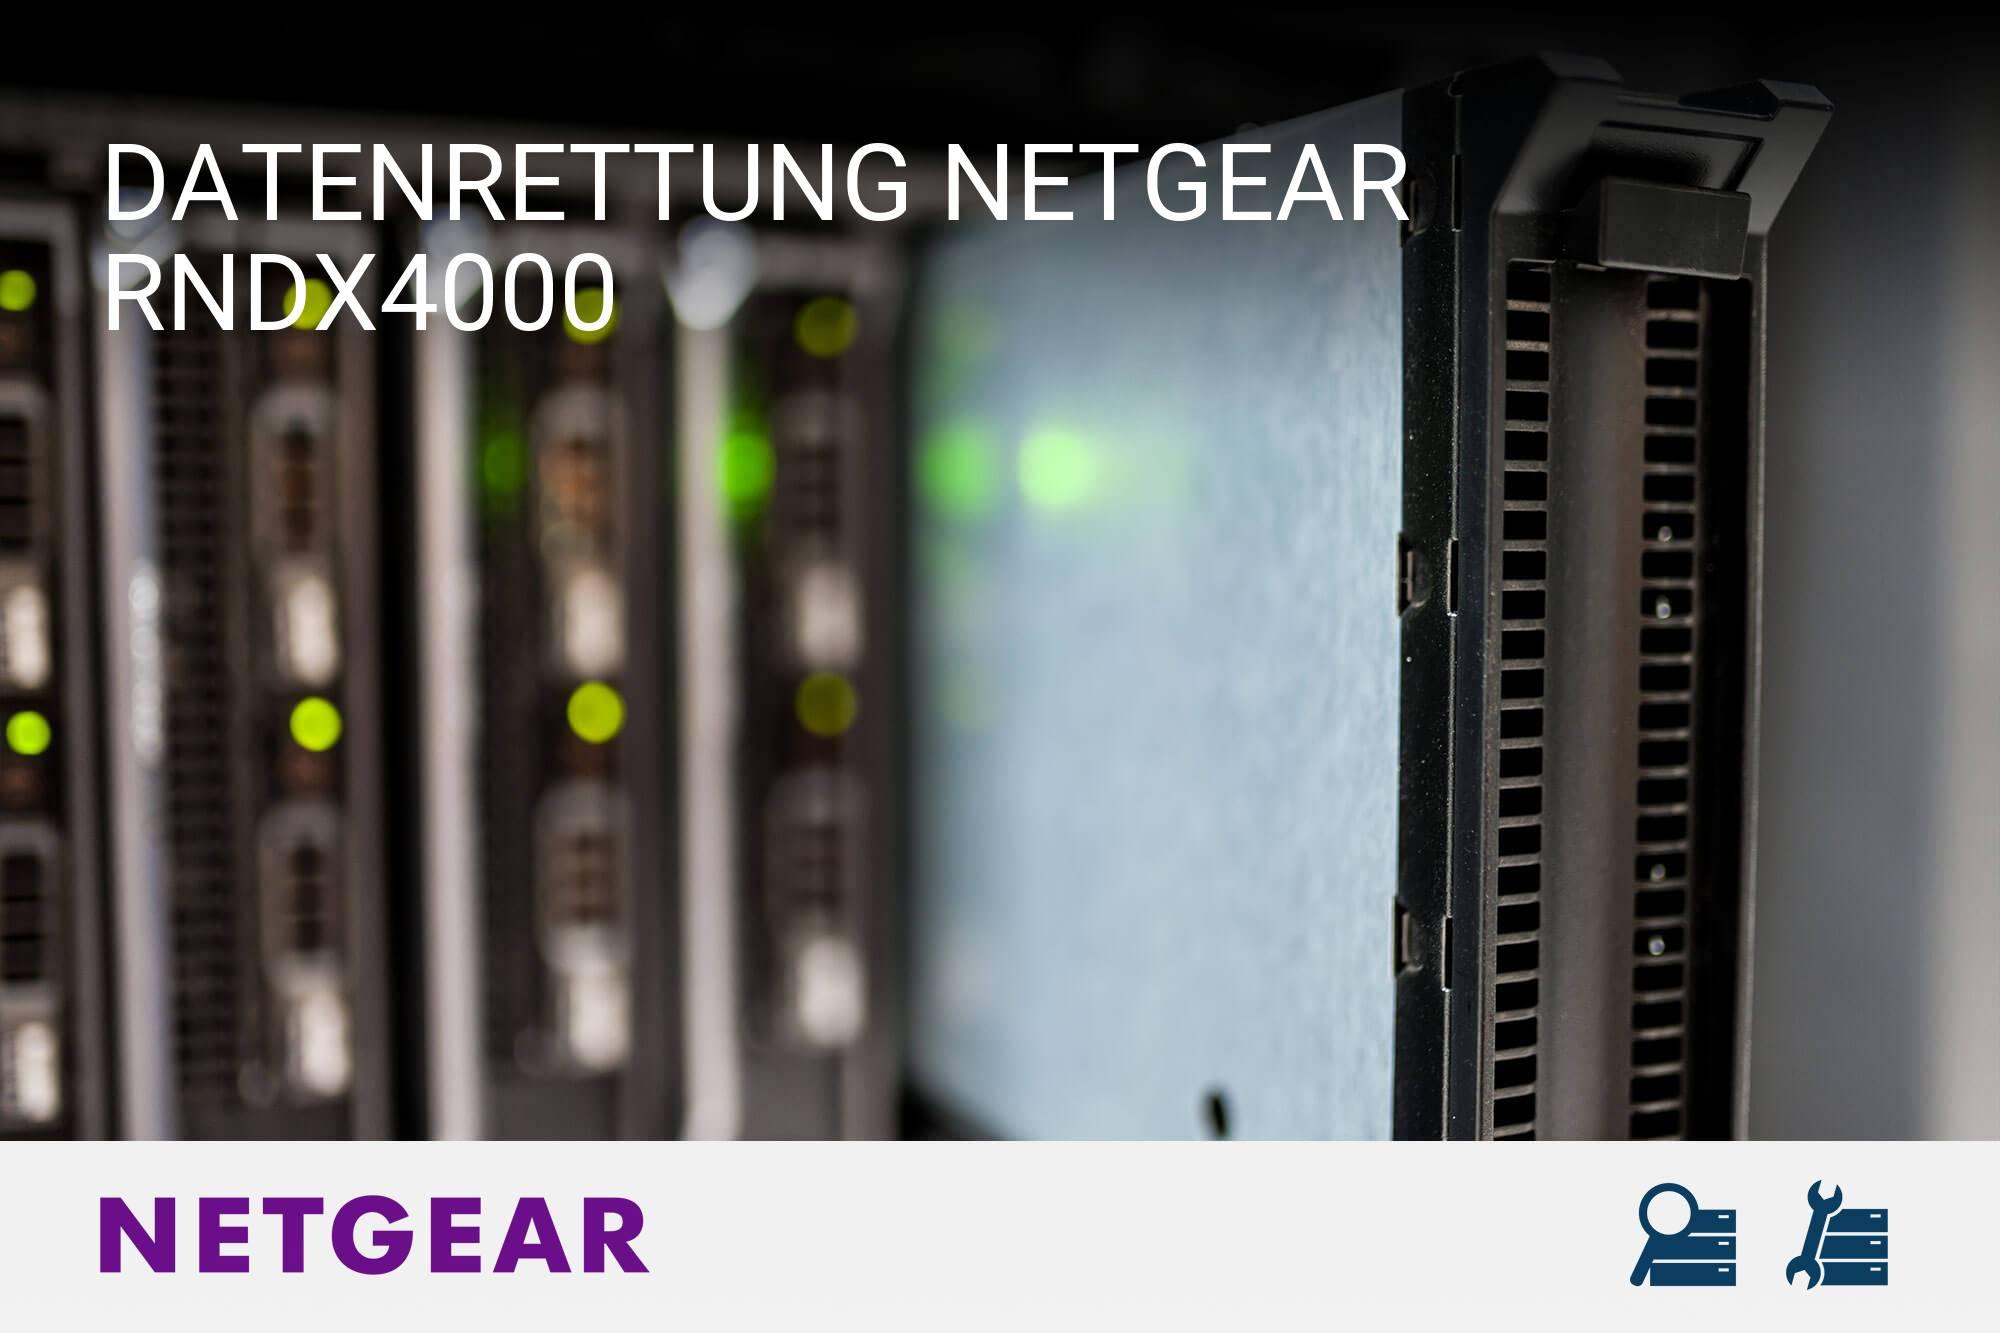 Netgear RNDX4000